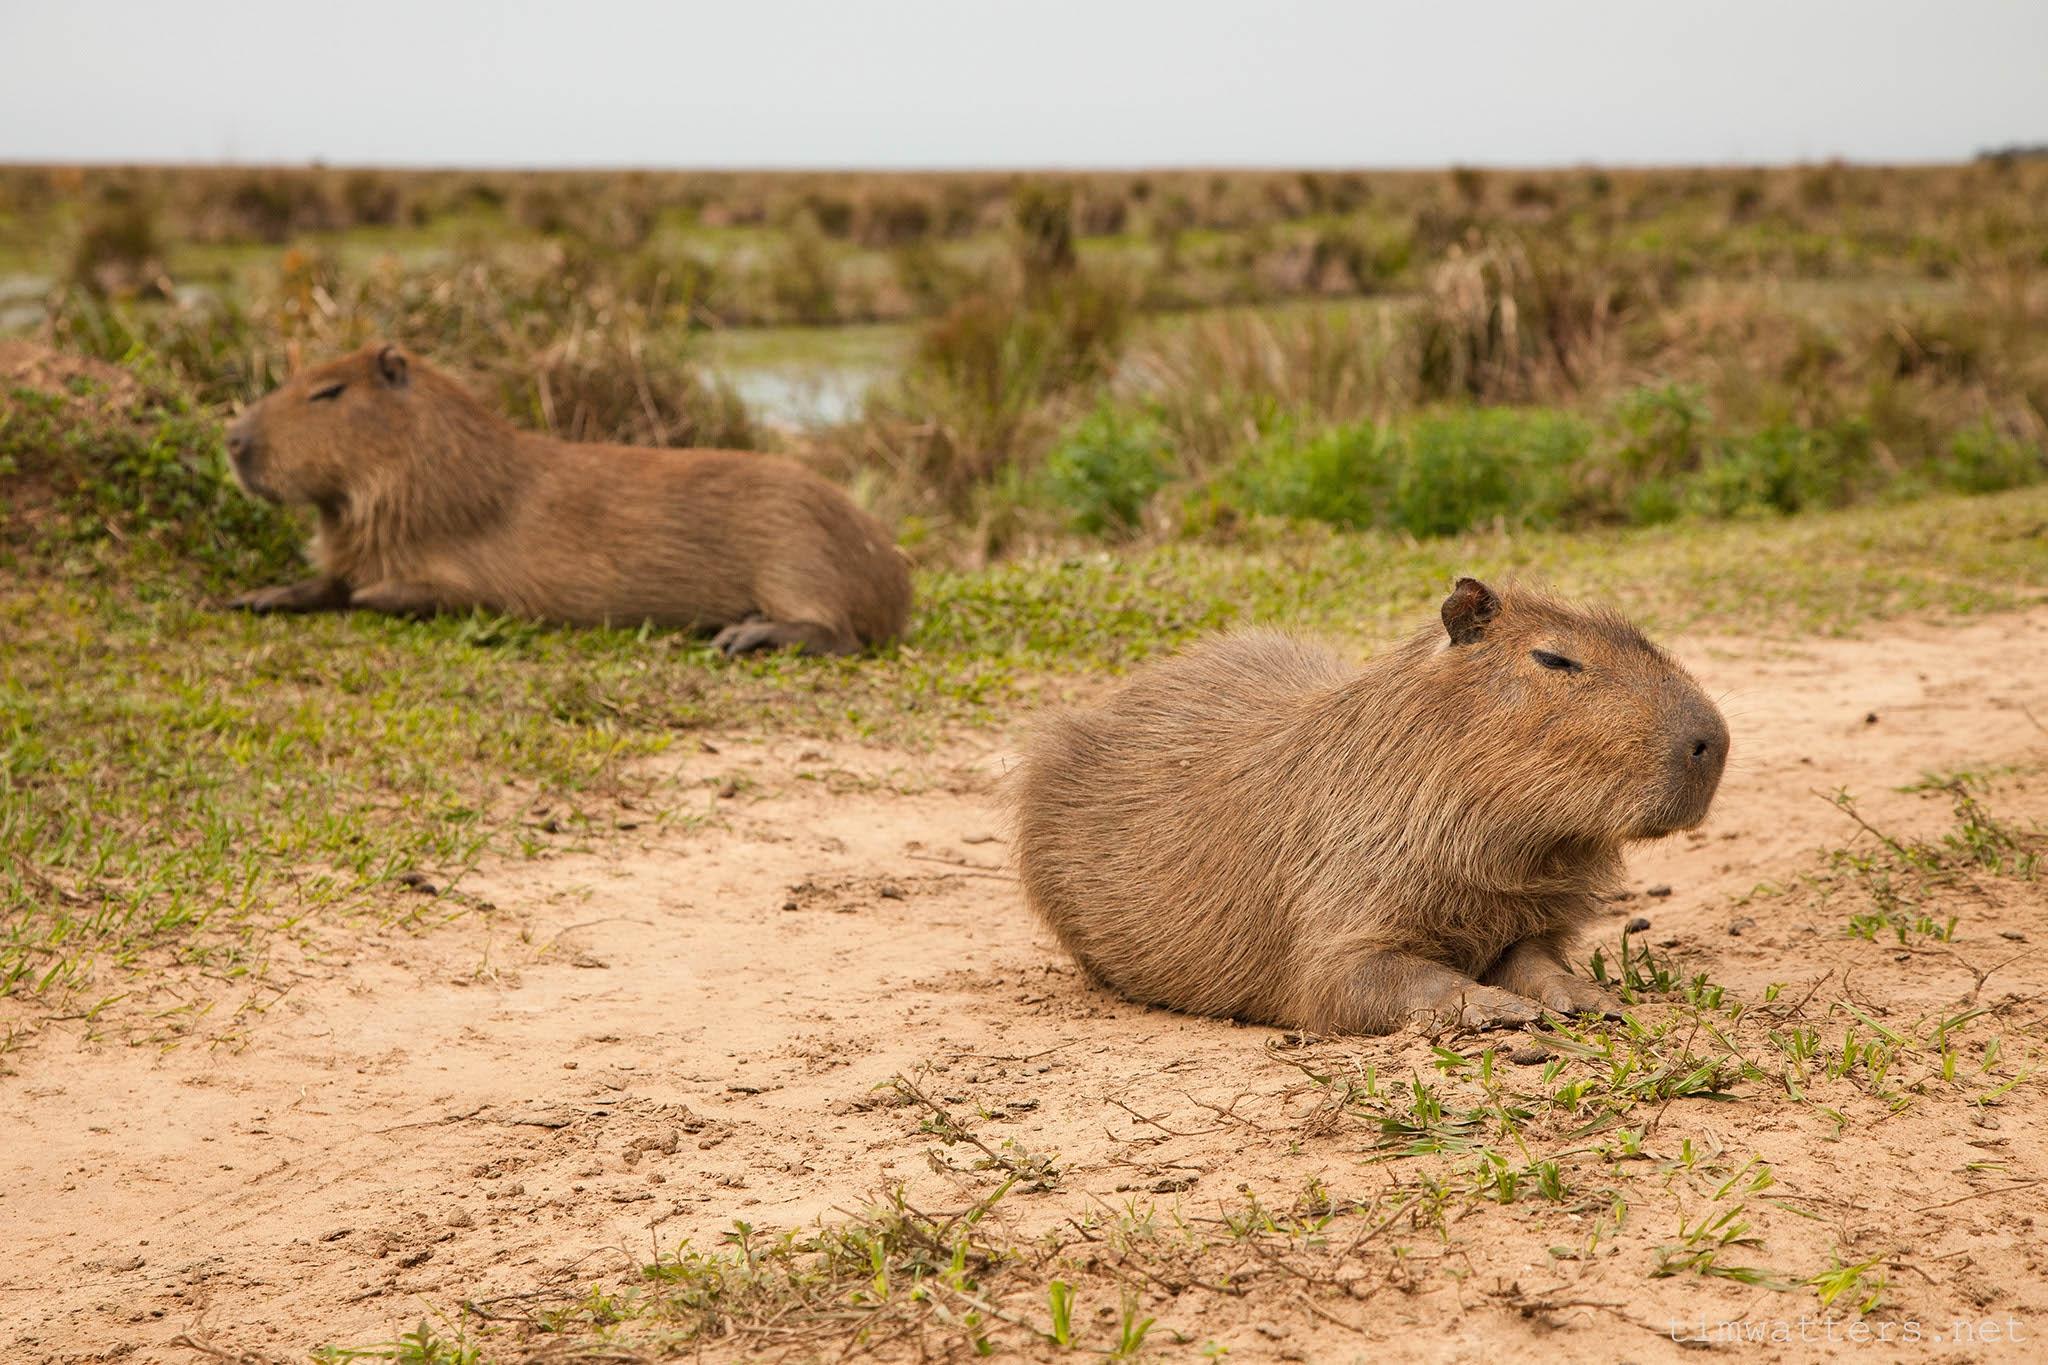 002-TimWatters-Ibera-Wildlife.jpg